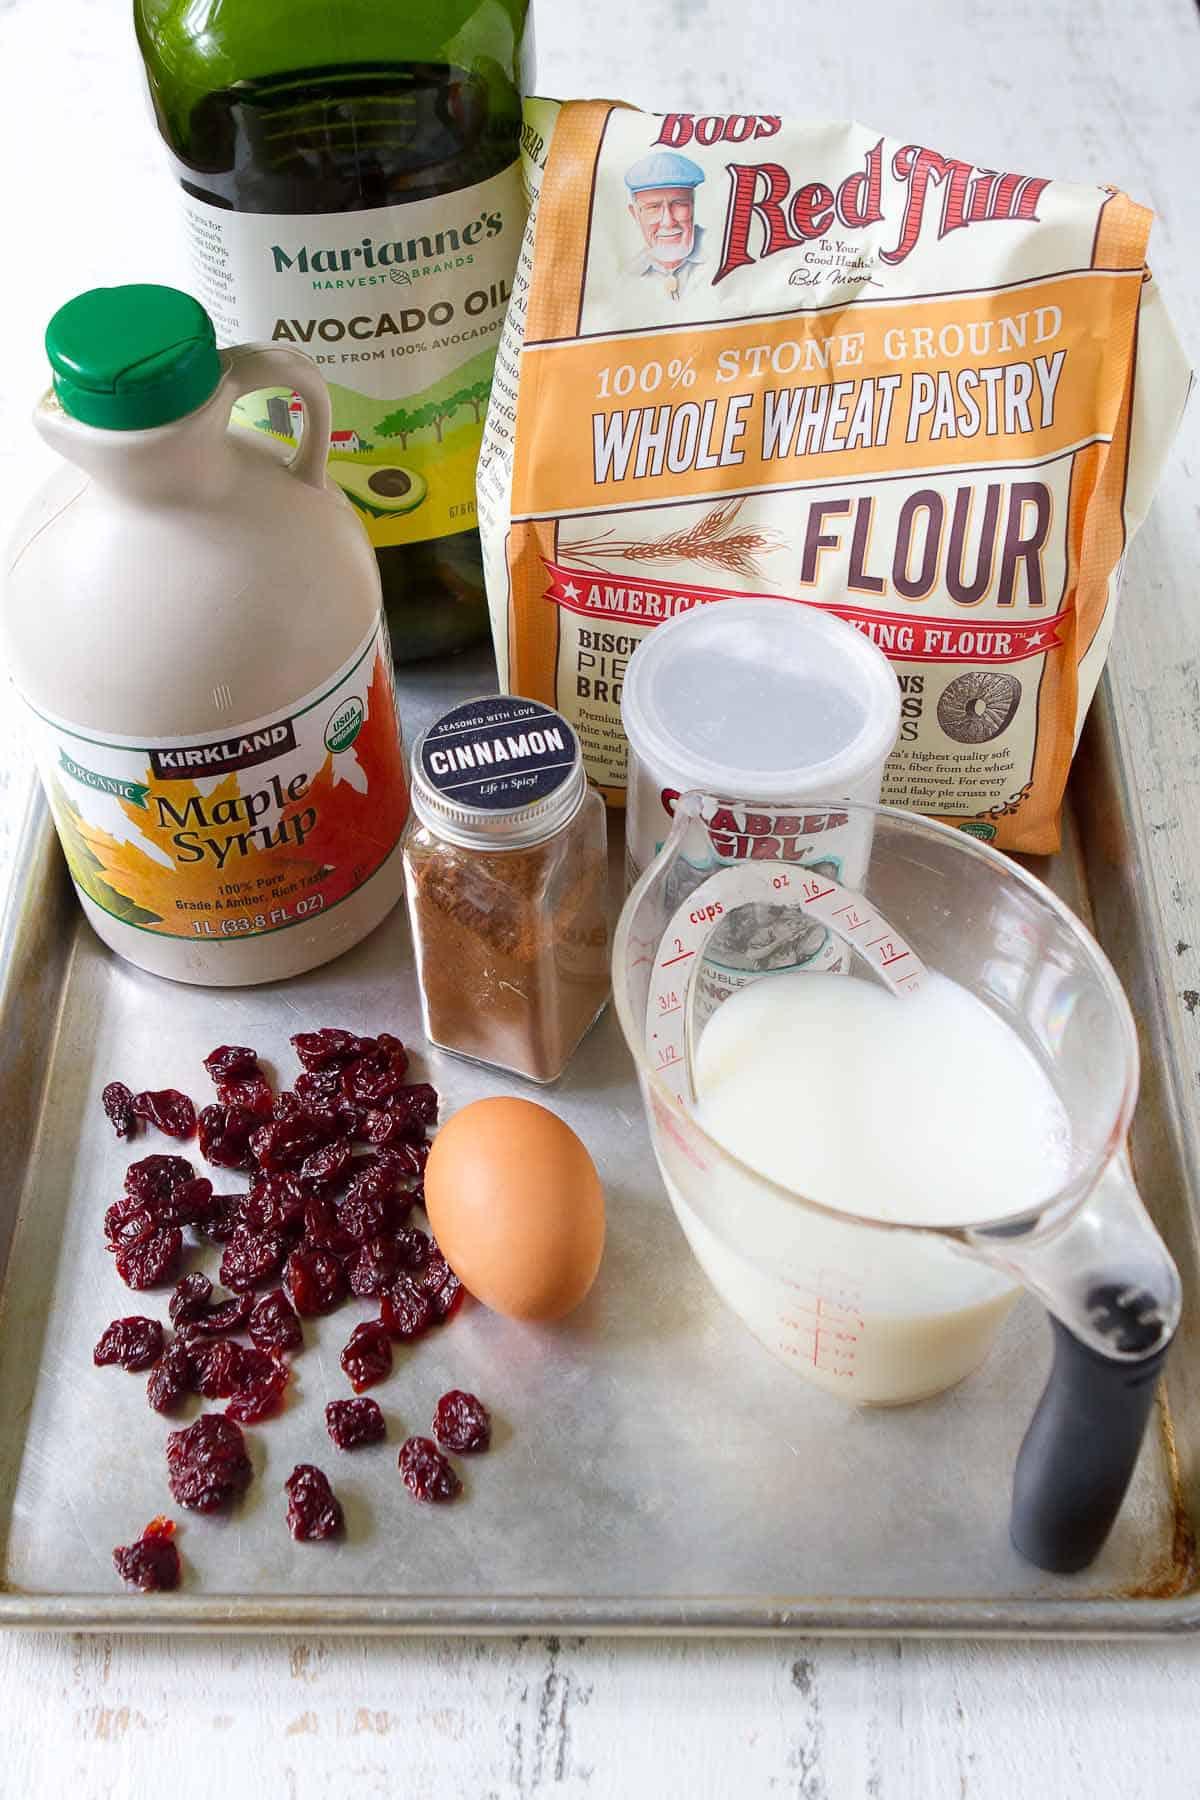 Ingredients for mug pancakes on a baking sheet.